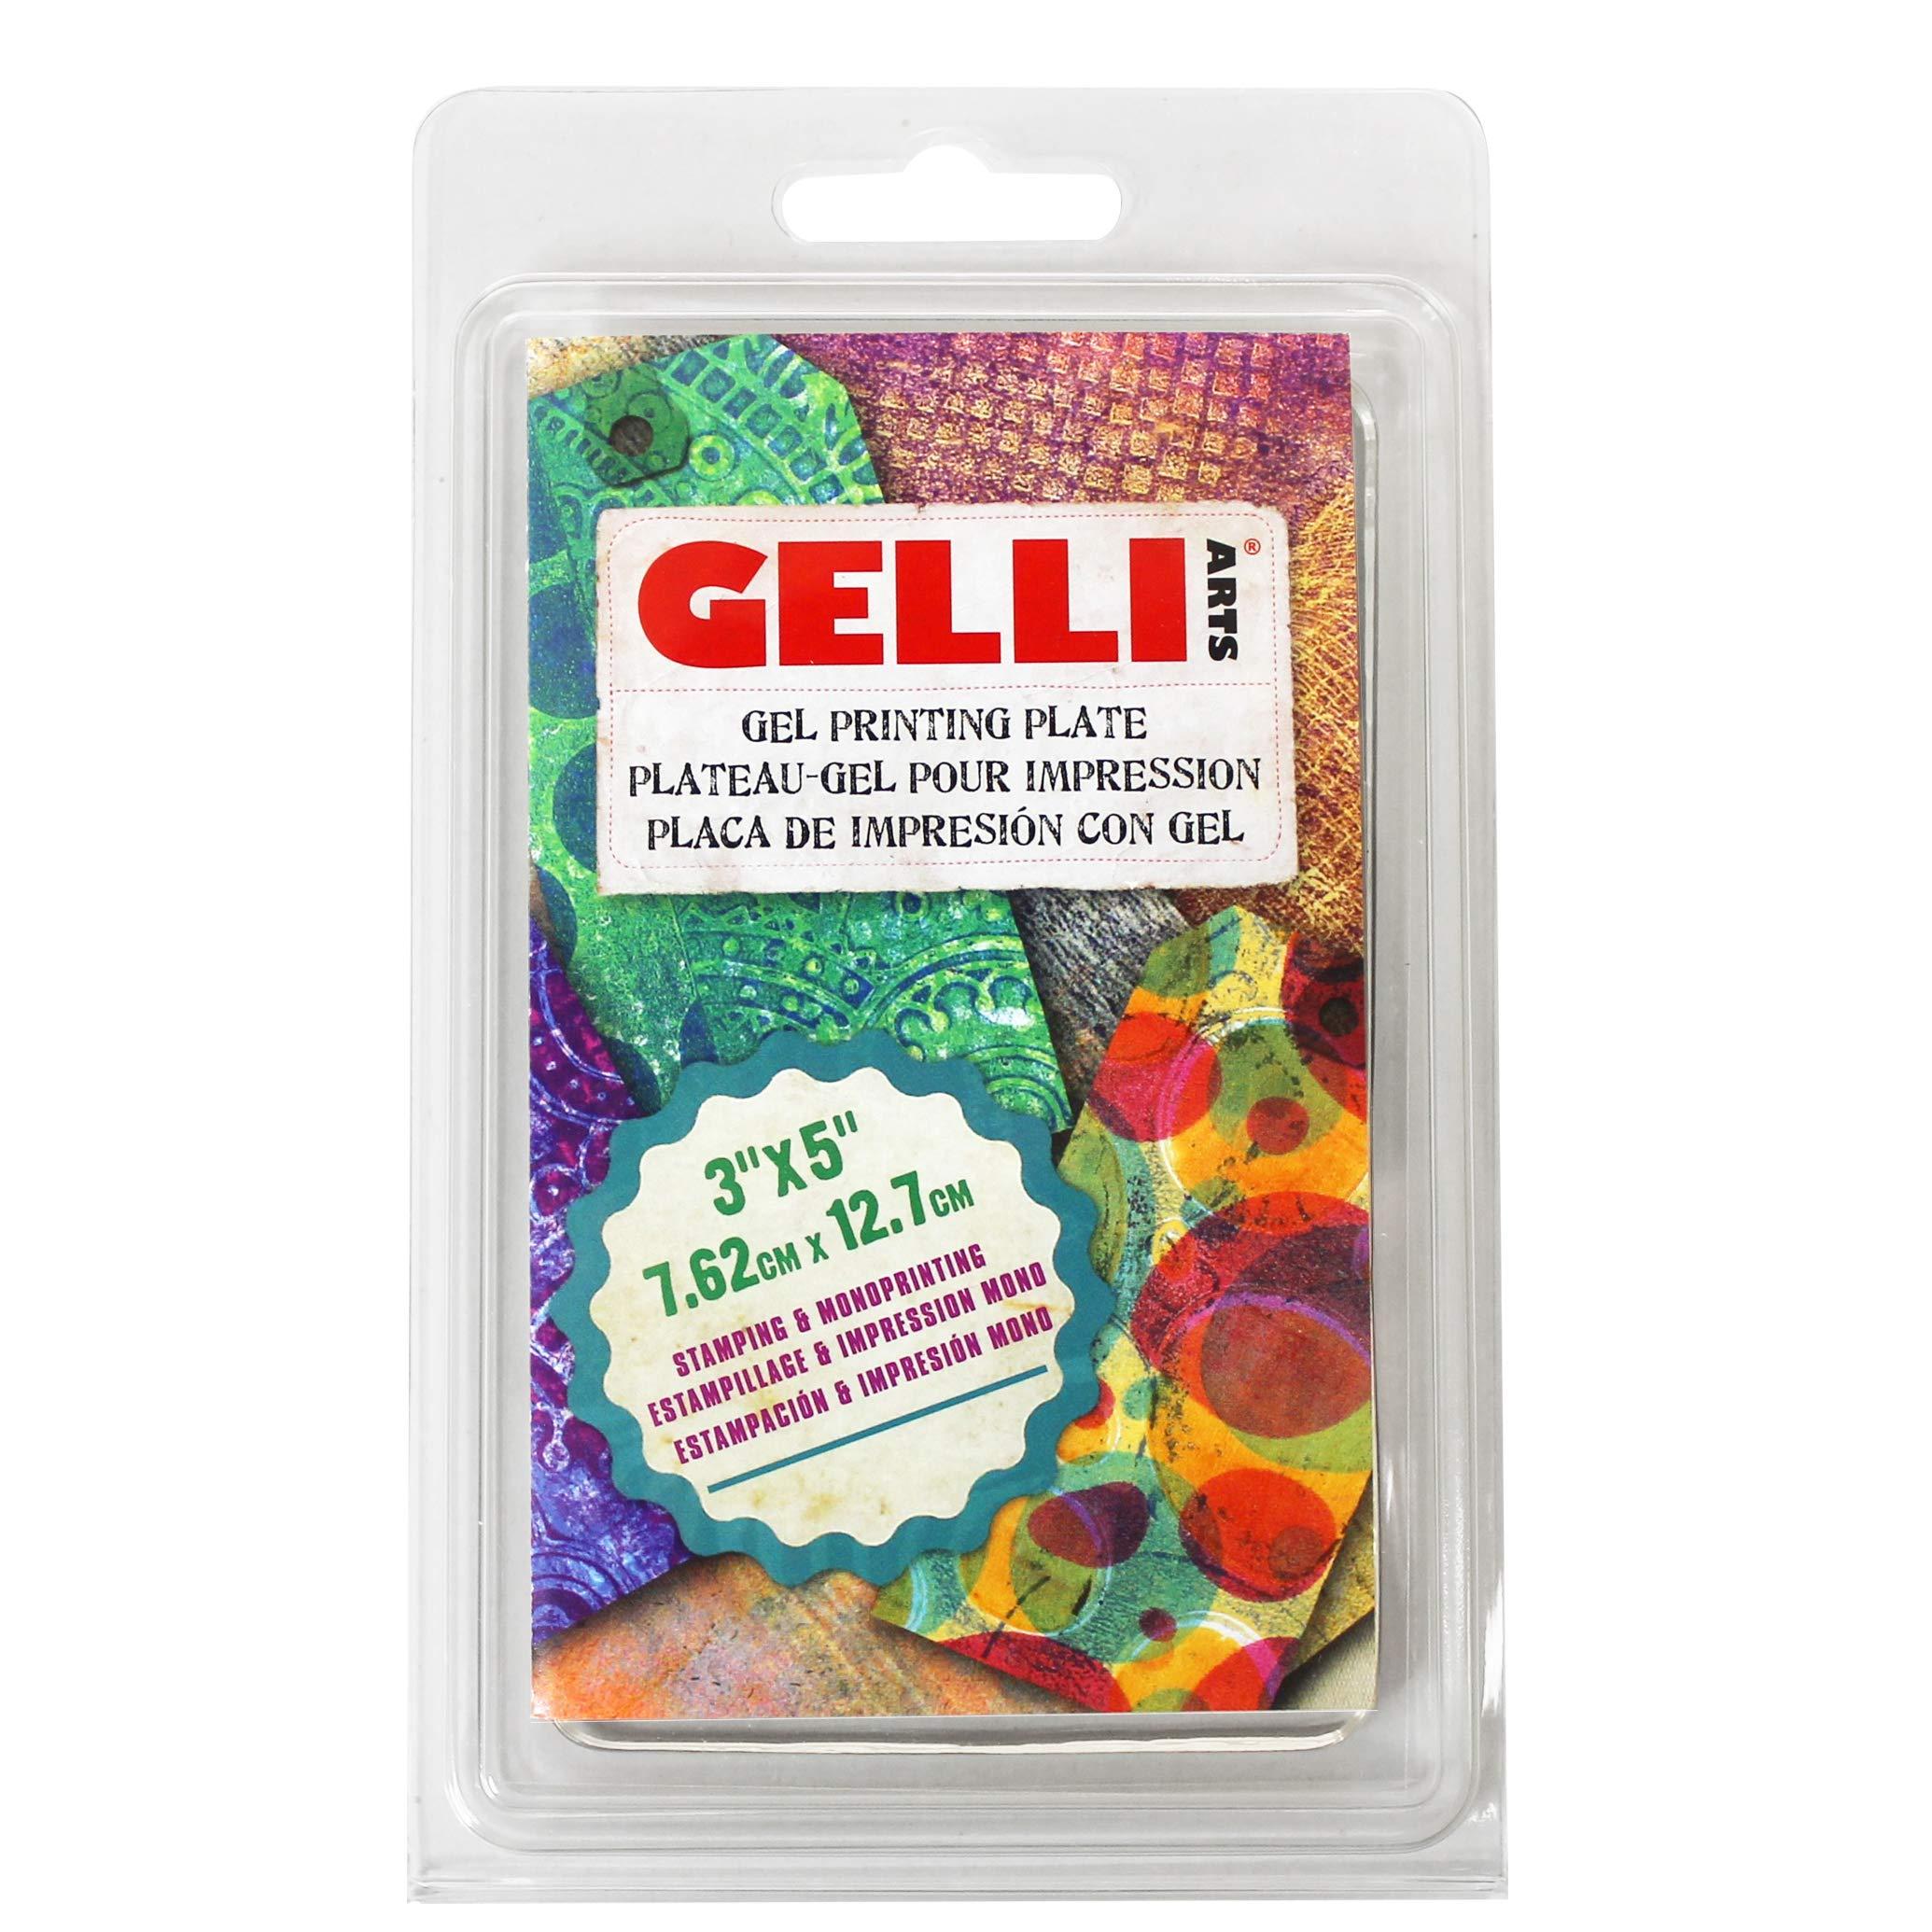 Gelli Arts 3x5 Gel Printing Plate